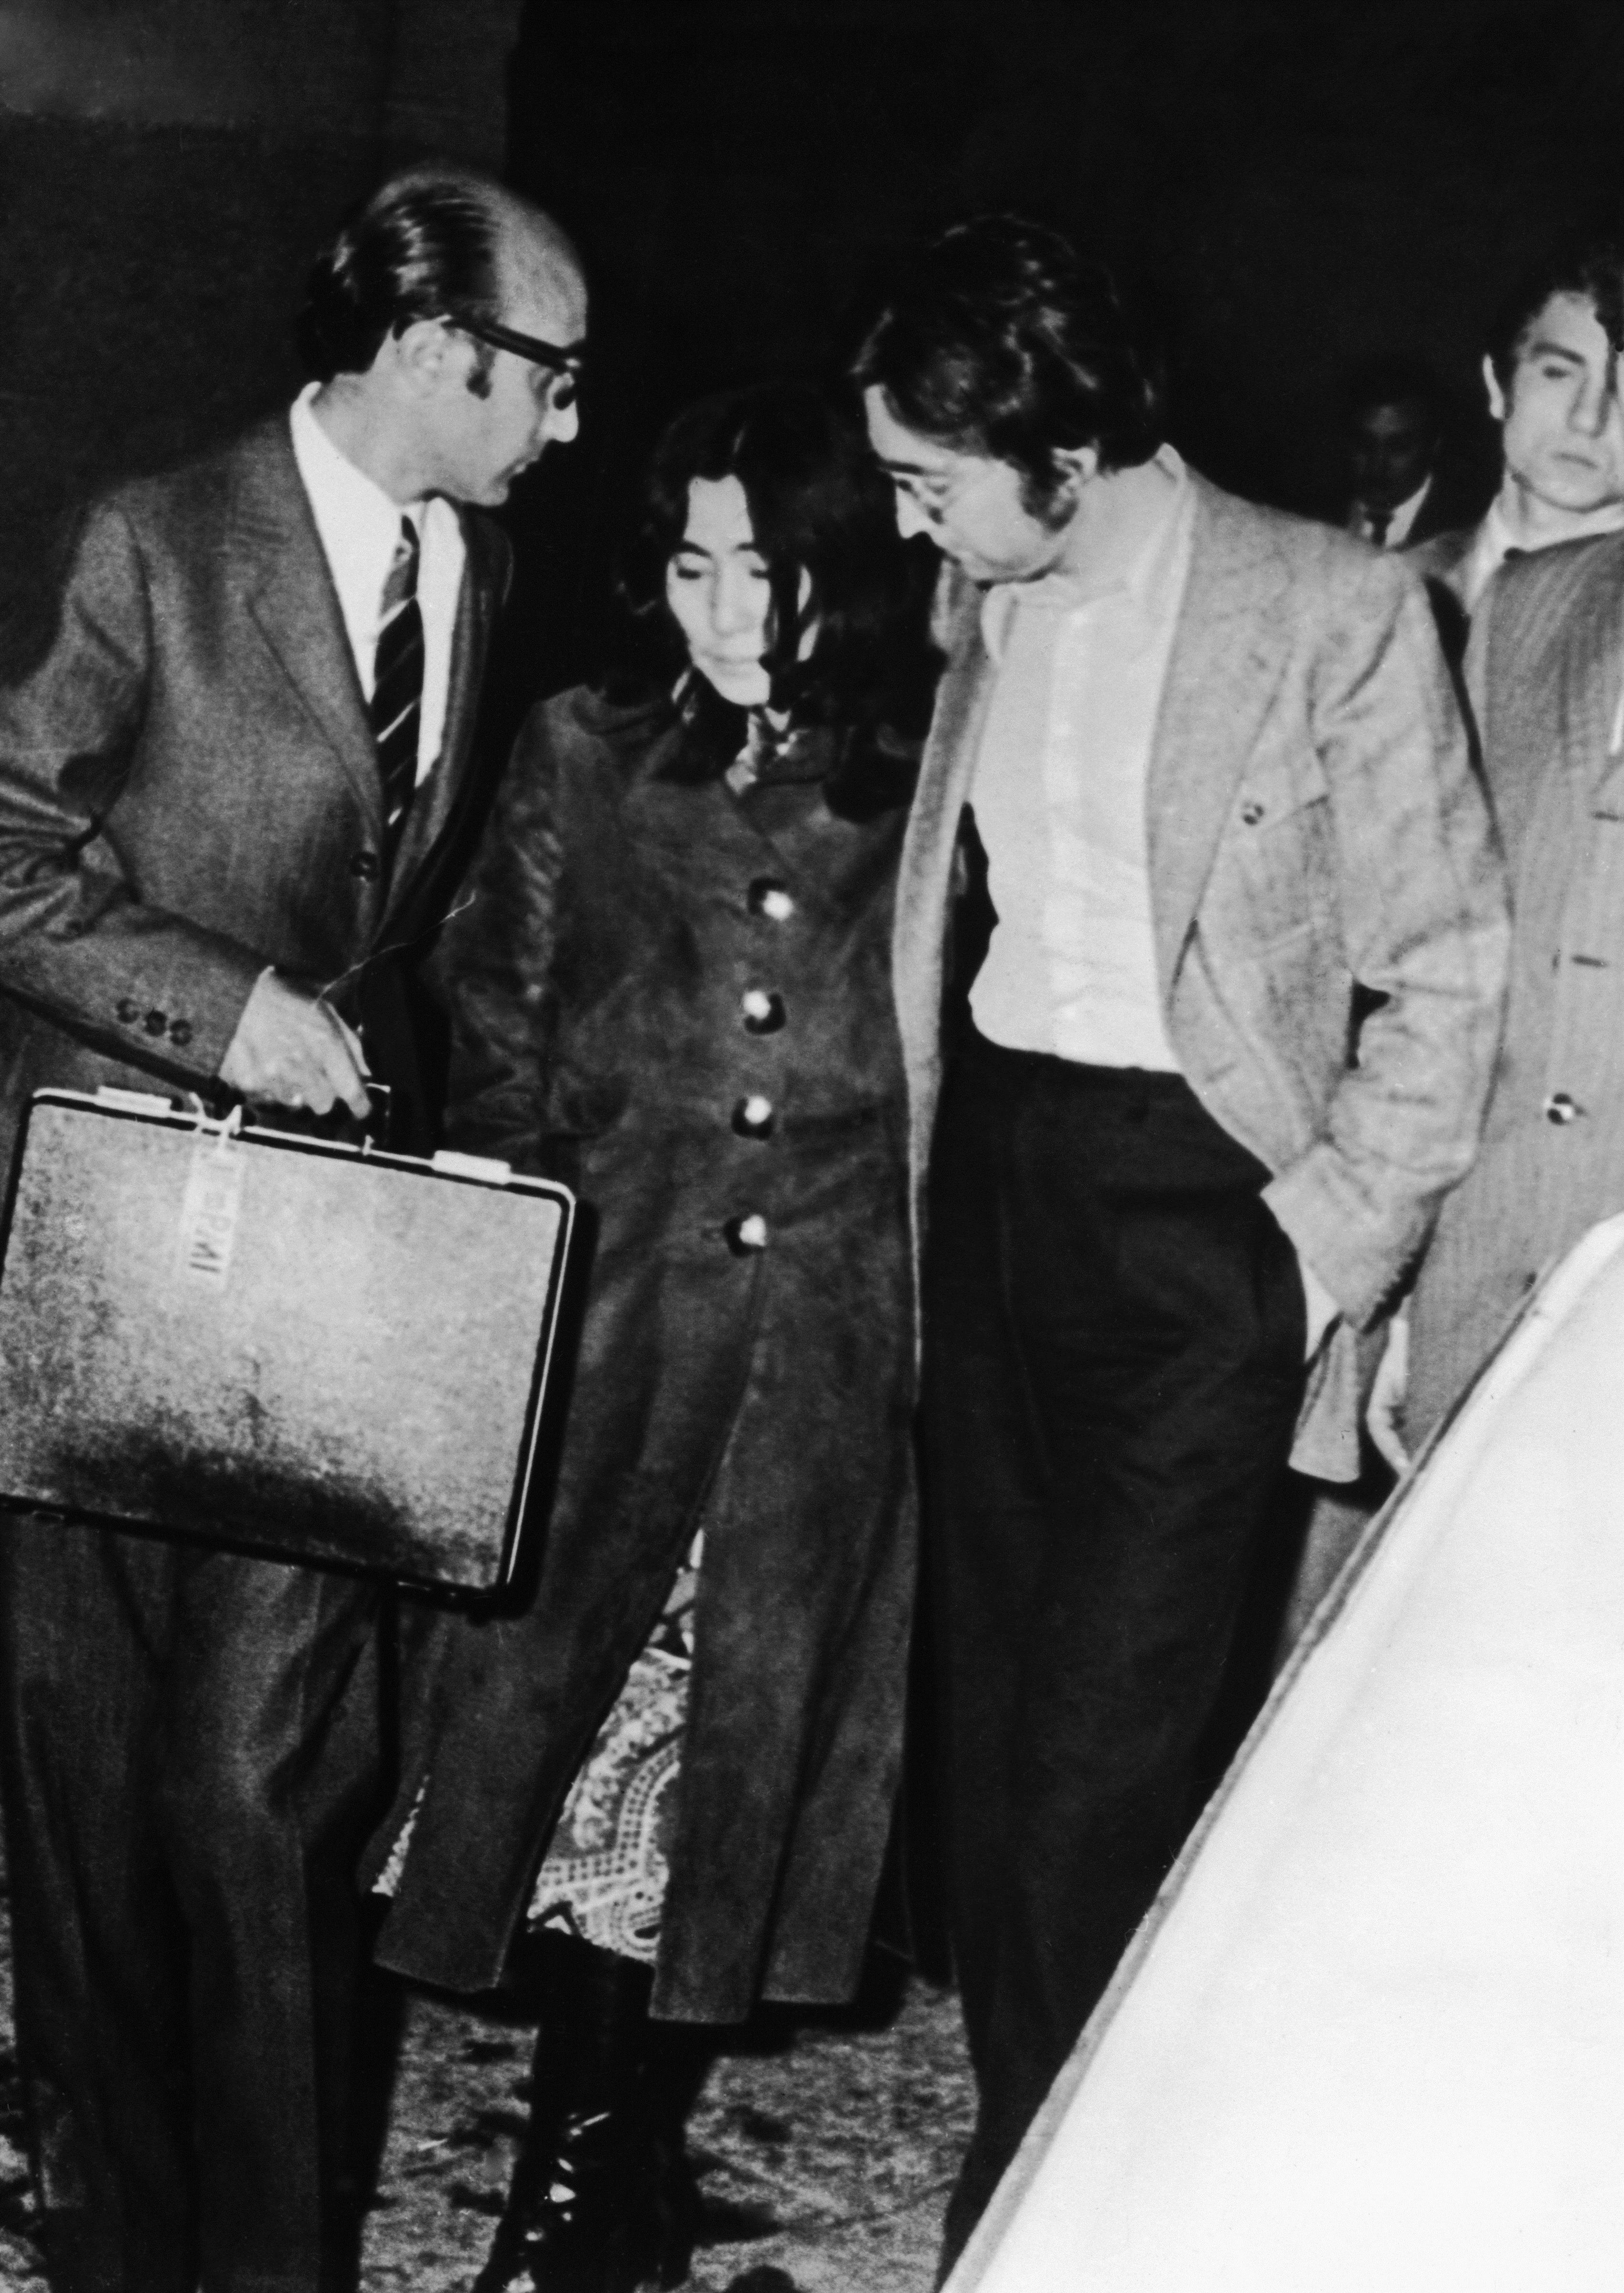 <p>Джон Ленън успокоява съпругата си Йоко Оно, докато напускат полицейски участък в Майорка, където са разпитани за отвличането на дъщерята на Оно - Киоко. Бащата на 7-годишното момиченце обвинява оно в отвличане, но тя отрича твърденията, че той имал пълно попечителство над детето. (26 април 1971 г.)</p>